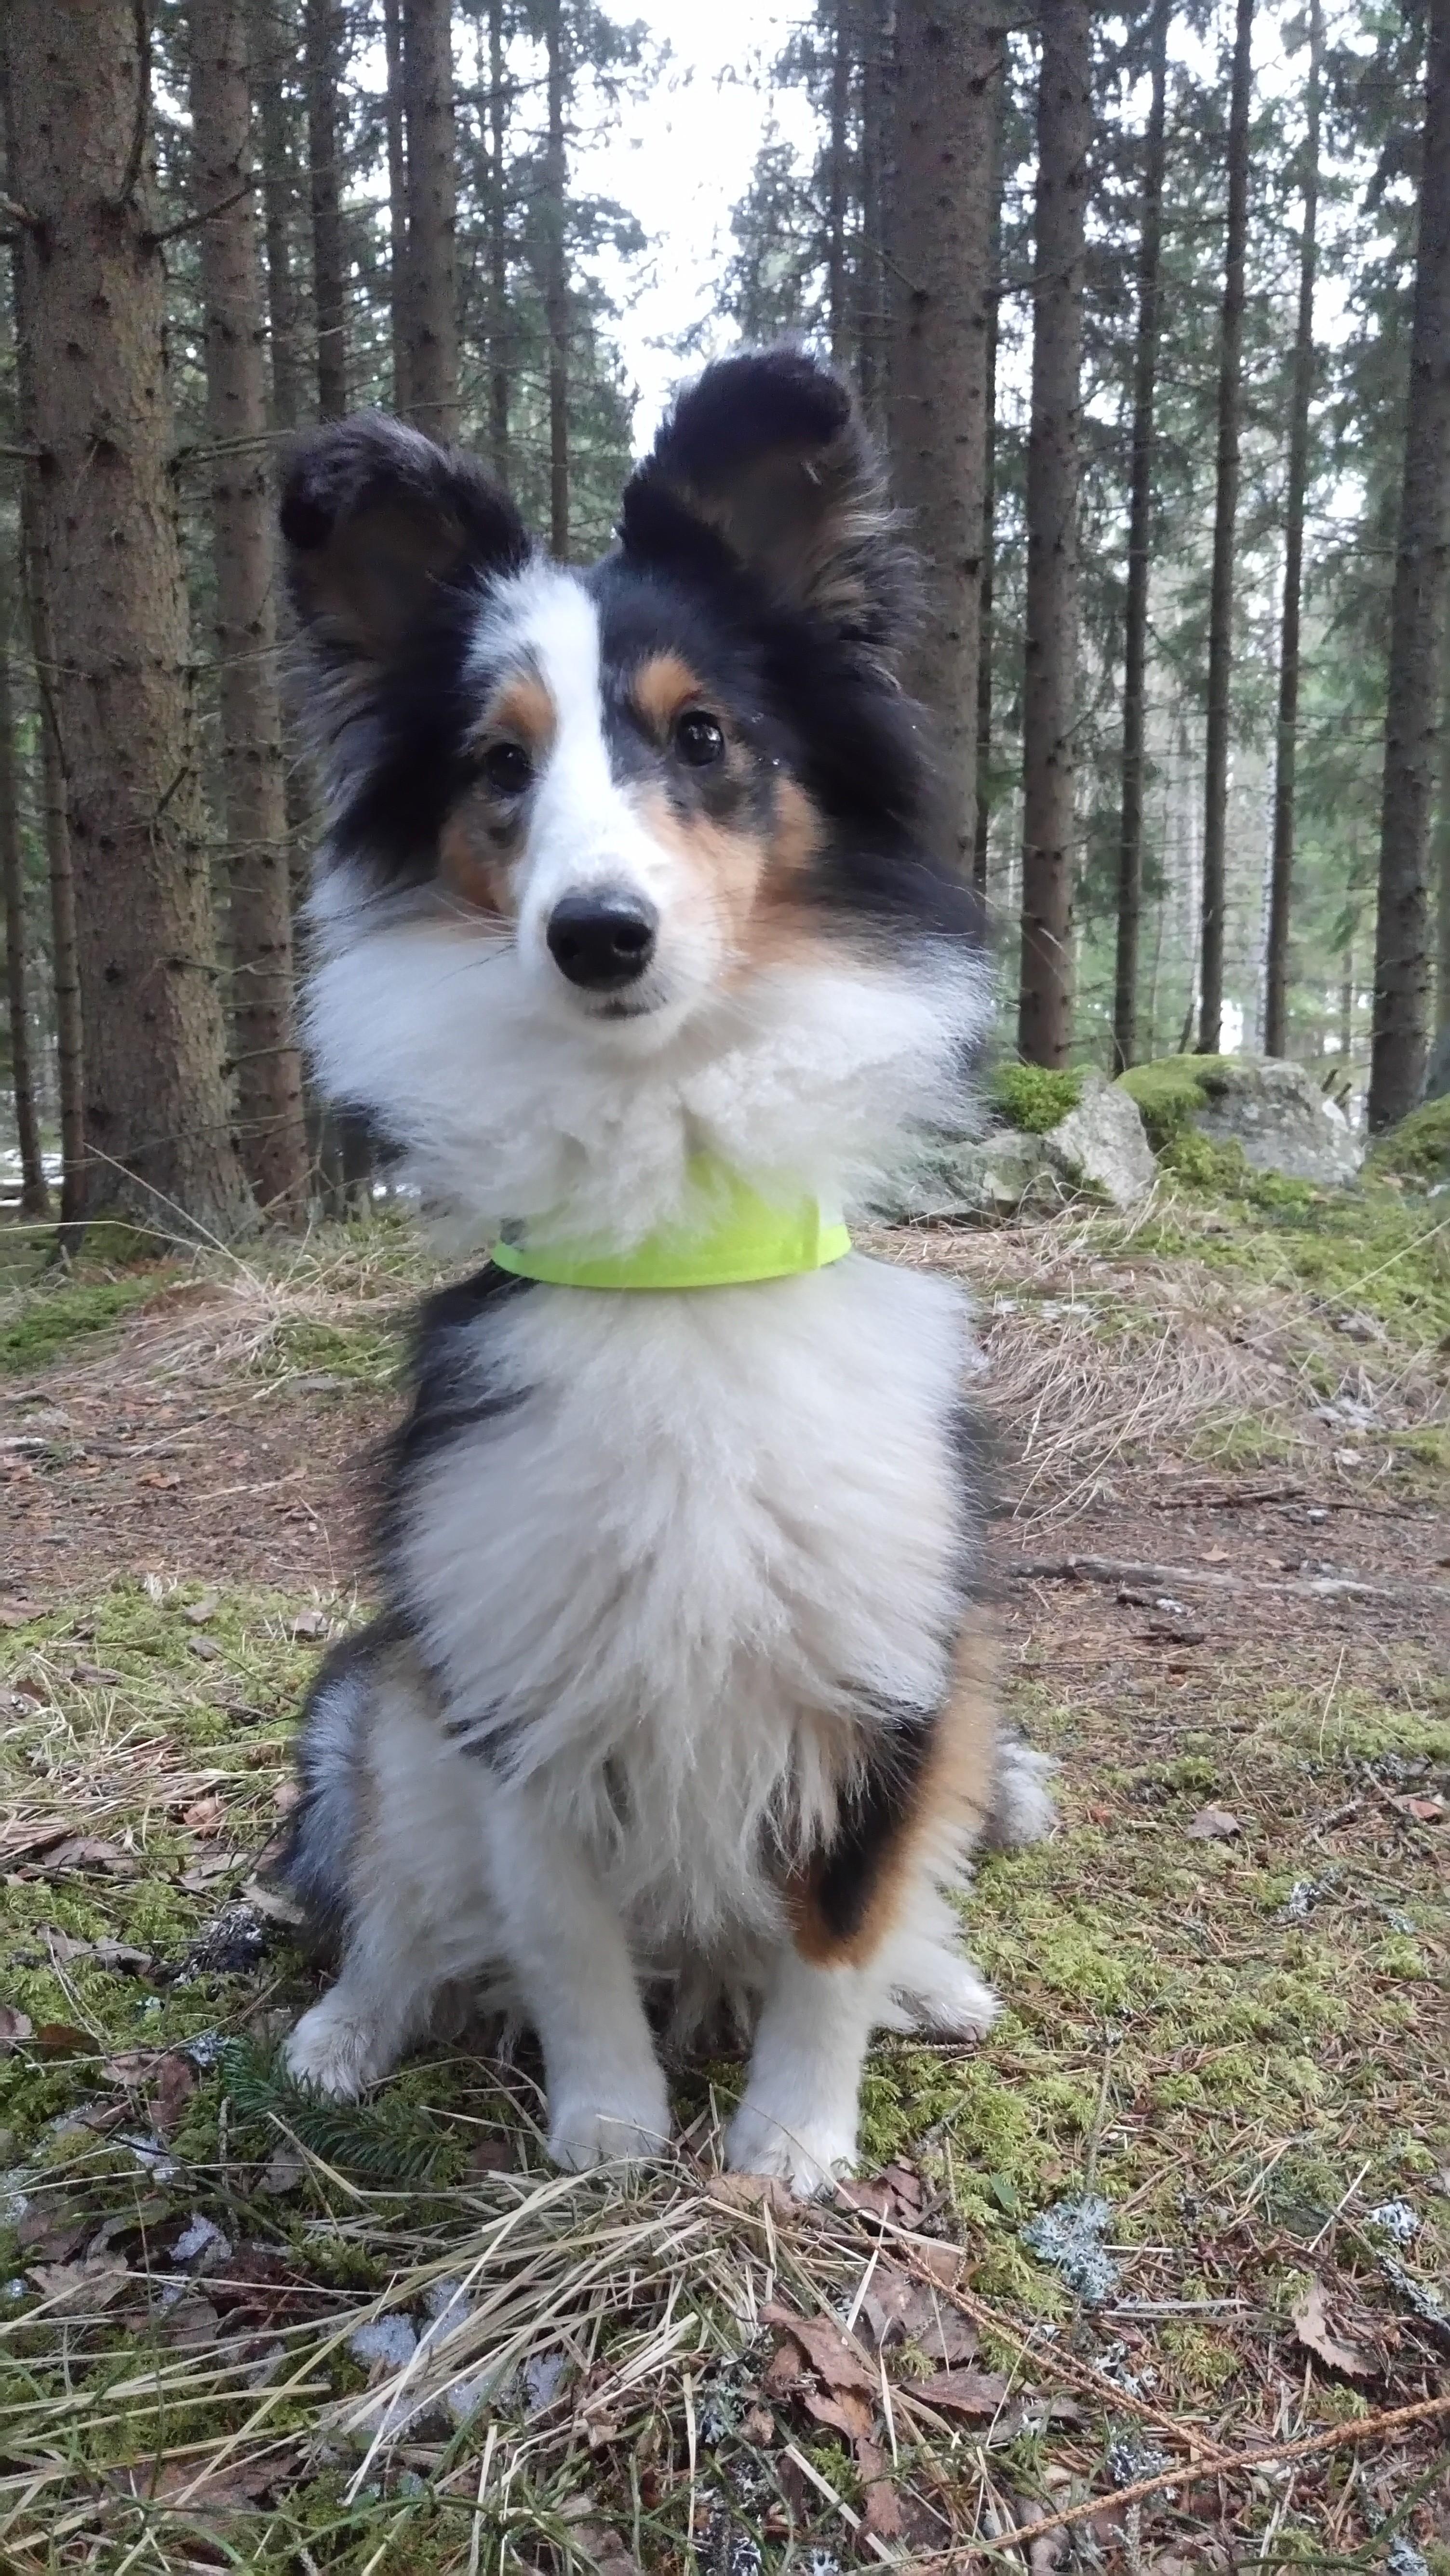 Avslut och nystart - bra med hundkompisar i skogen!